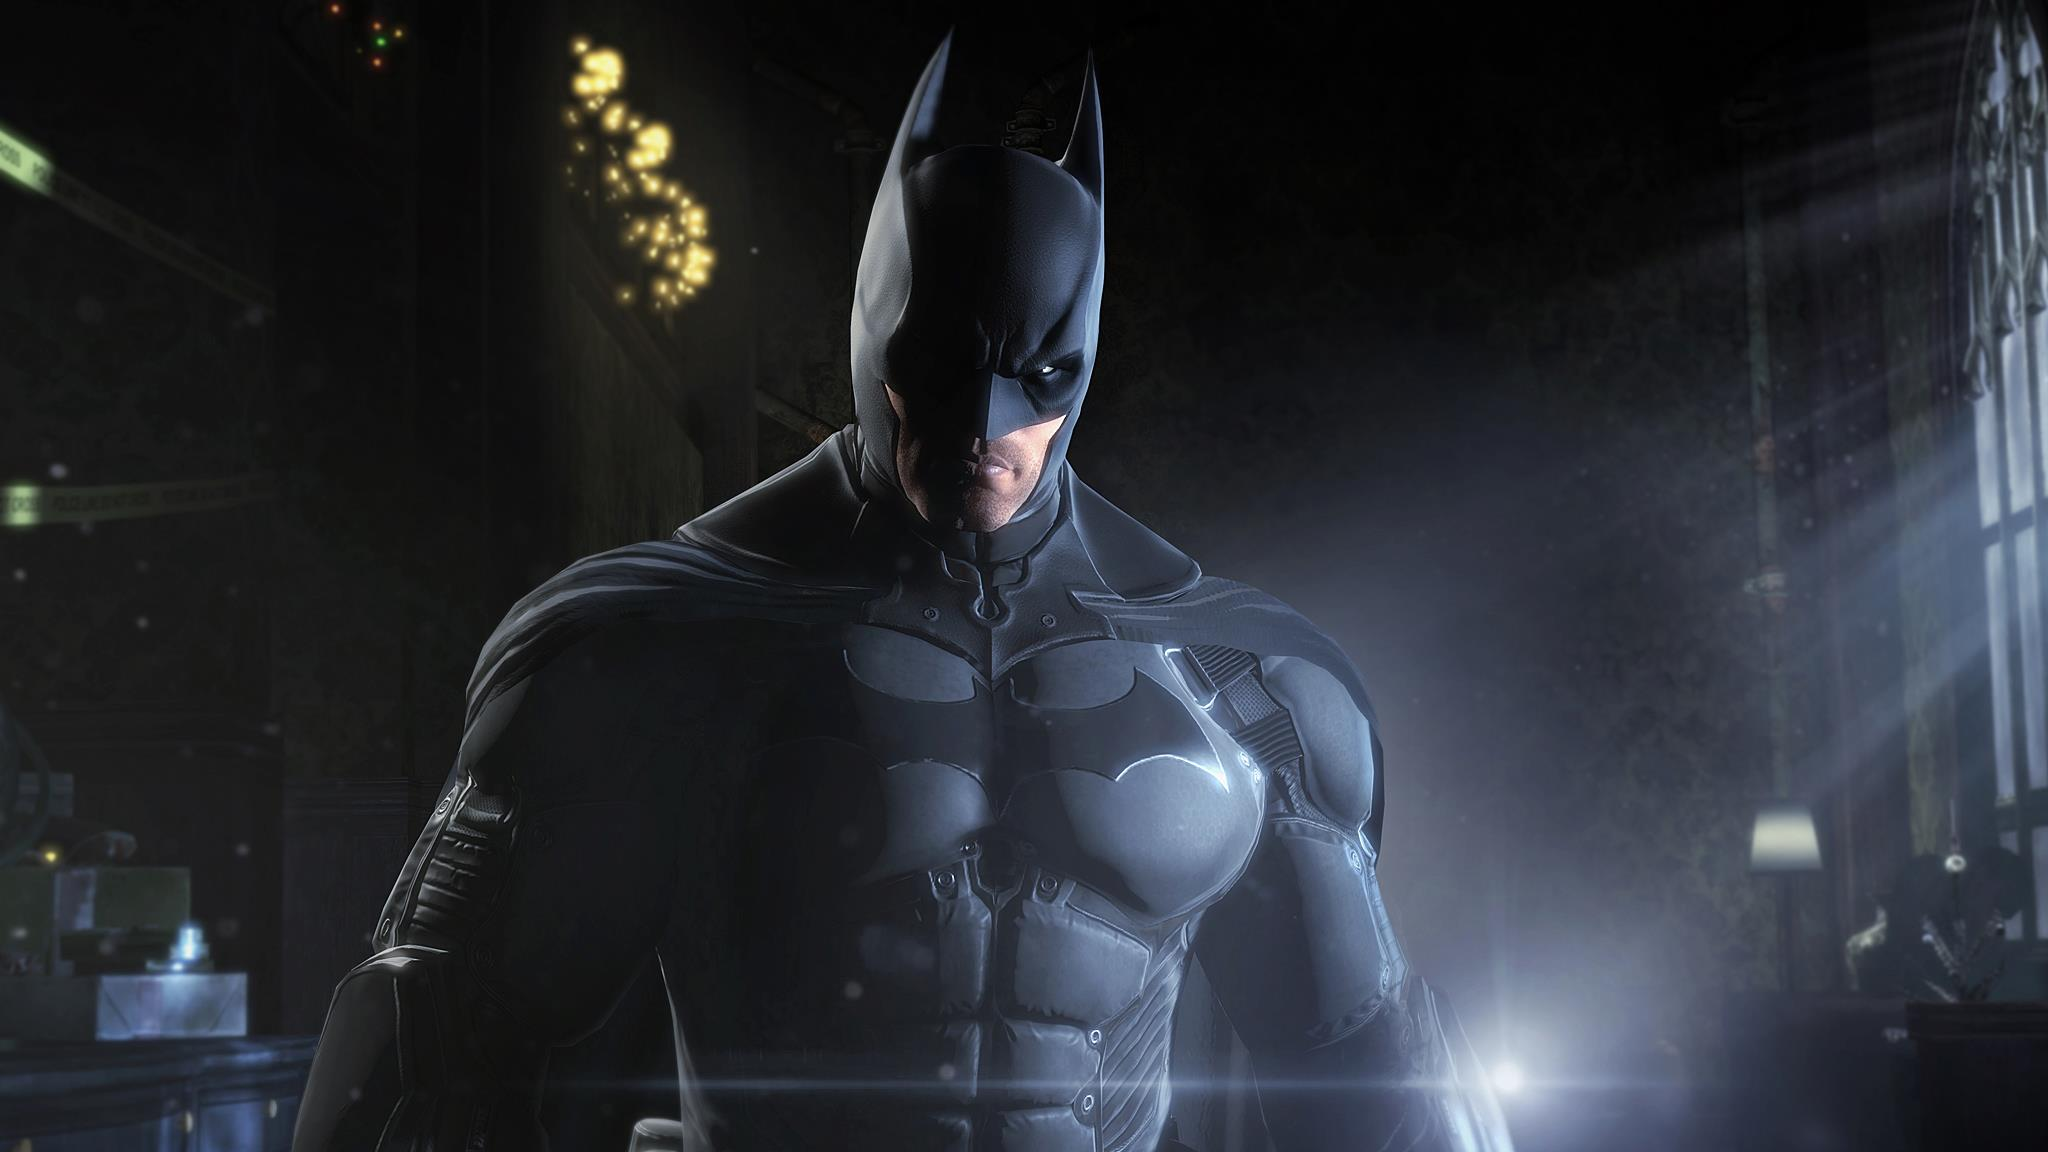 Batman Arkham Origins wallpaper 4